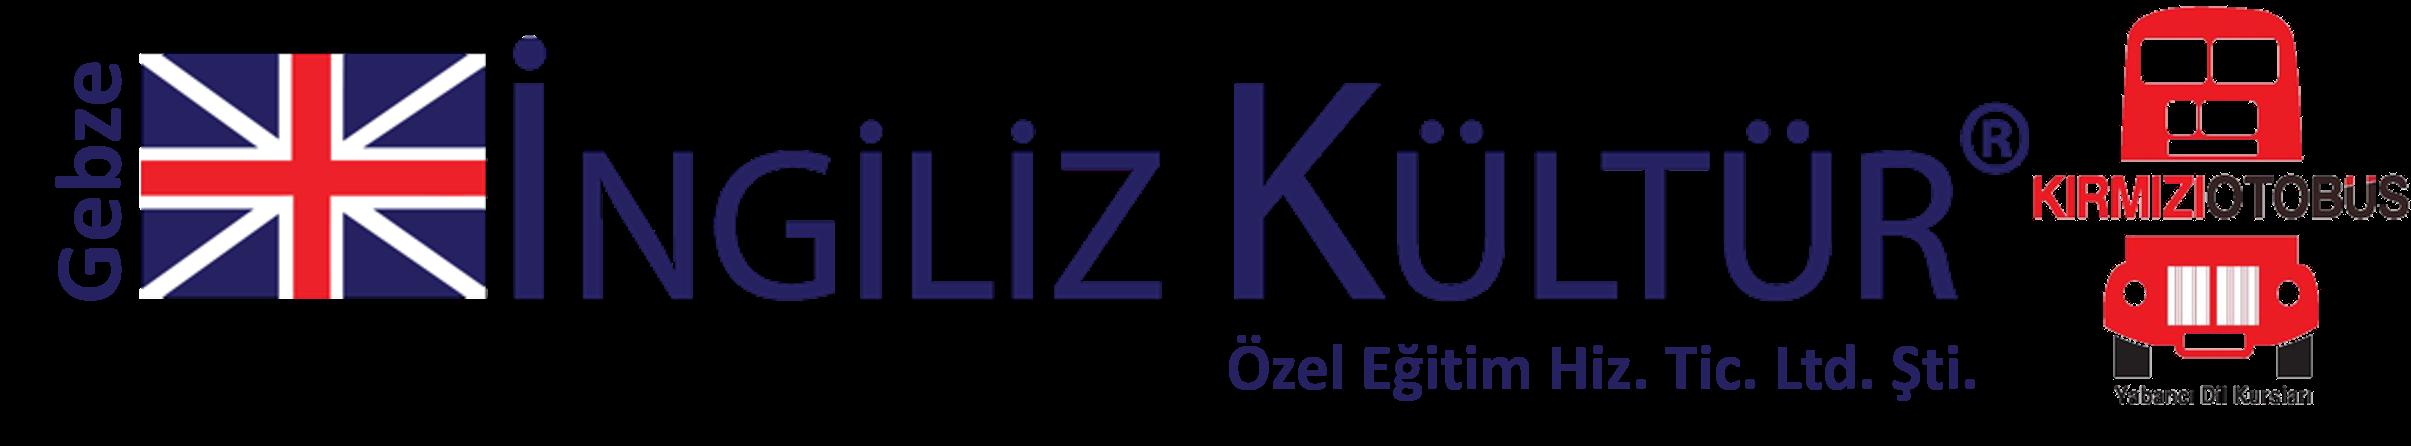 [Resim: logo.png]